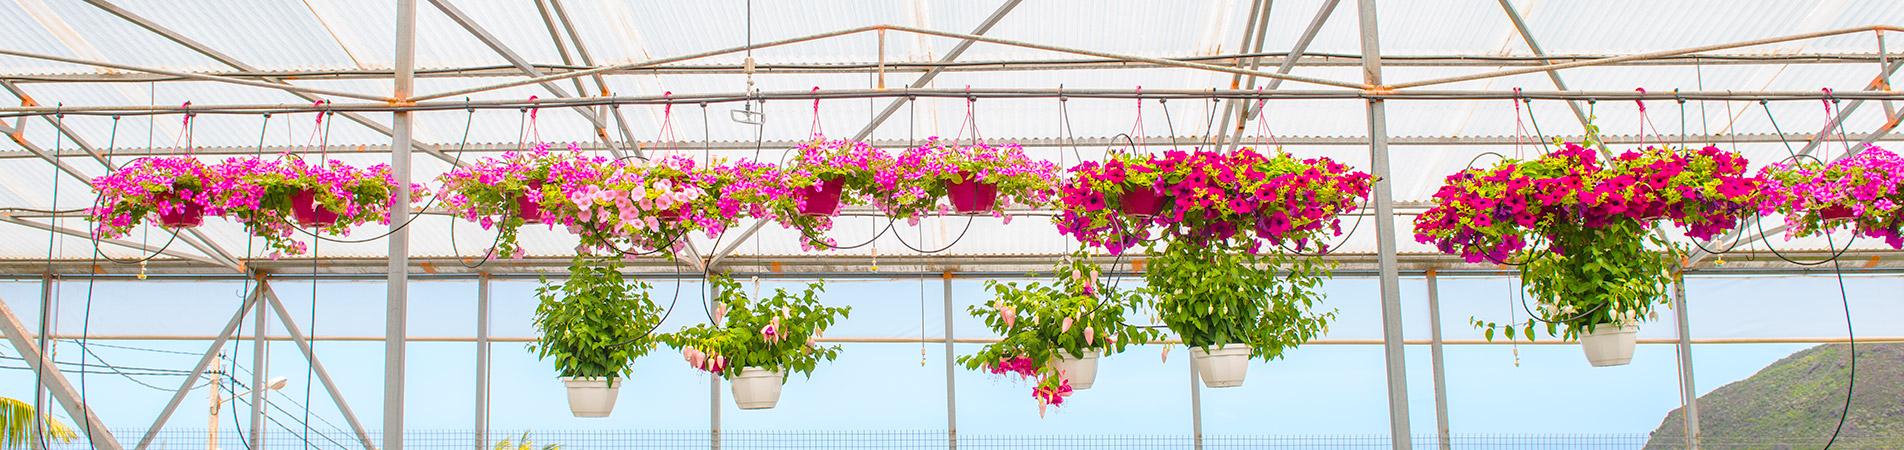 Riego por goteo de flores y plantas en vivero de Valle Guerra (San Cristobal de La Laguna)